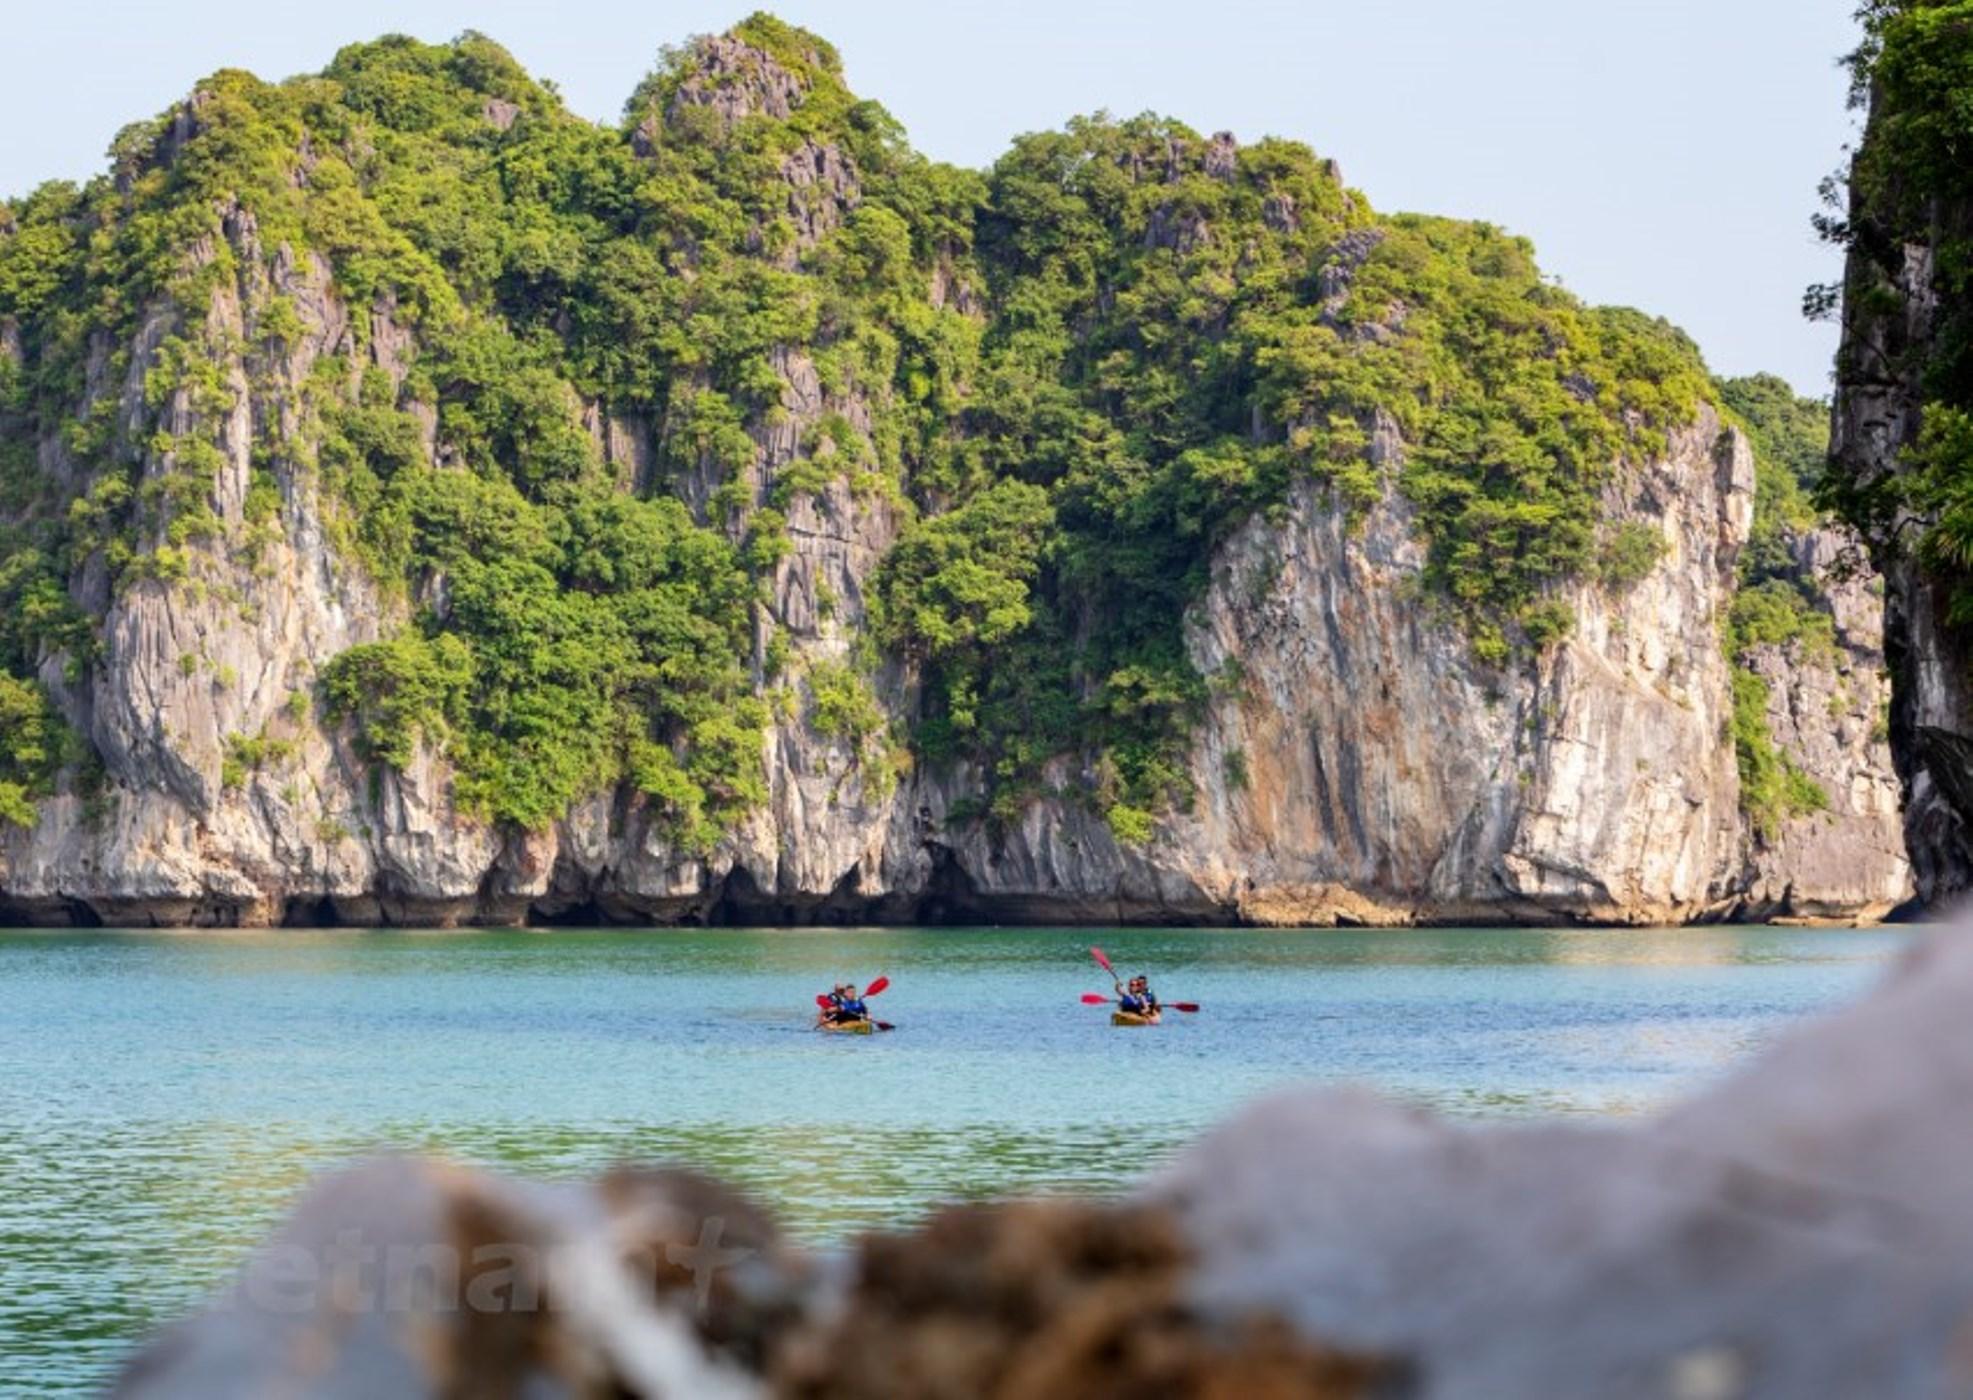 Cát Bà đẹp và thơ mộng, là hòn đảo lớn nhất trên tổng số 1.969 đảo trên vịnh Lan Hạ. Không chỉ sở hữu vẻ đẹp hoang sơ, trên đảo Cát Bà còn có nhiều điểm 'check-in' tuyệt đẹp không nên bỏ lỡ. (Ảnh: Mai Mai/Vietnam+)